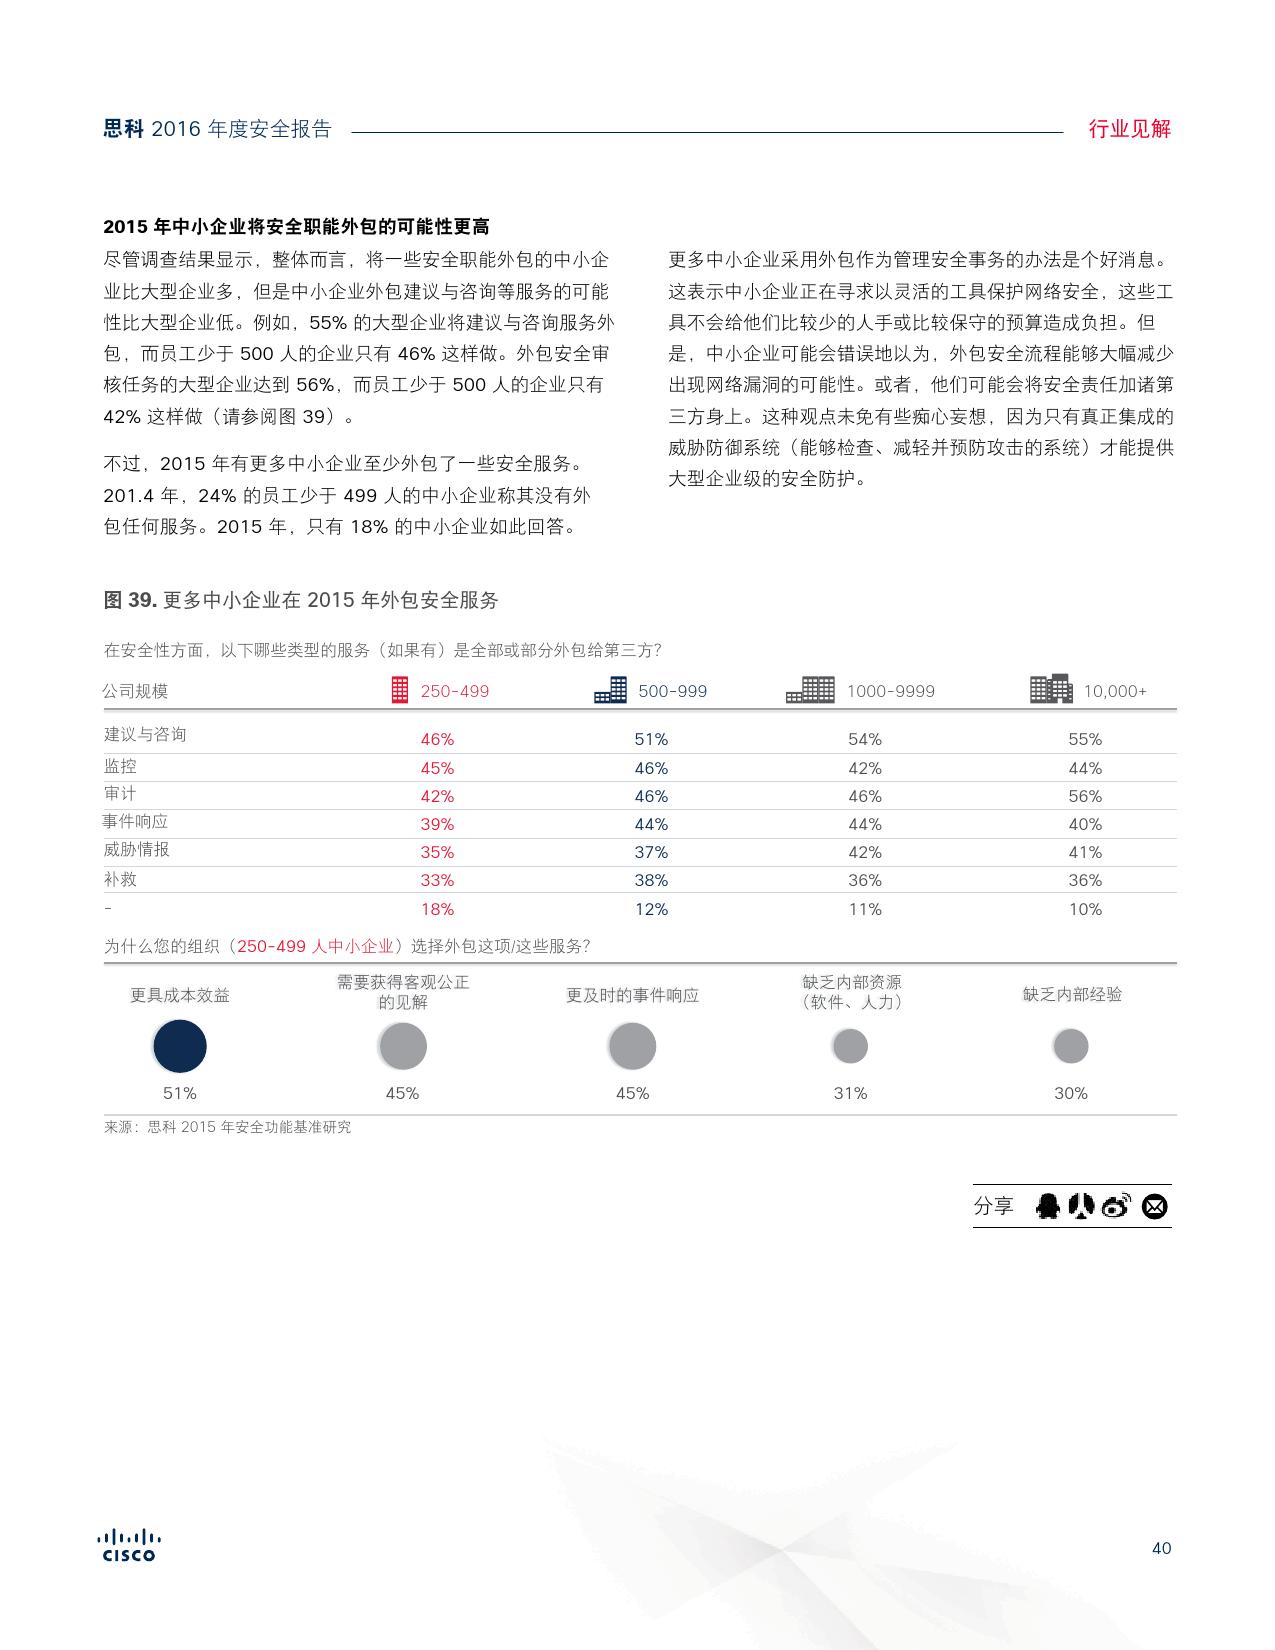 2016年中网络安全报告_000040